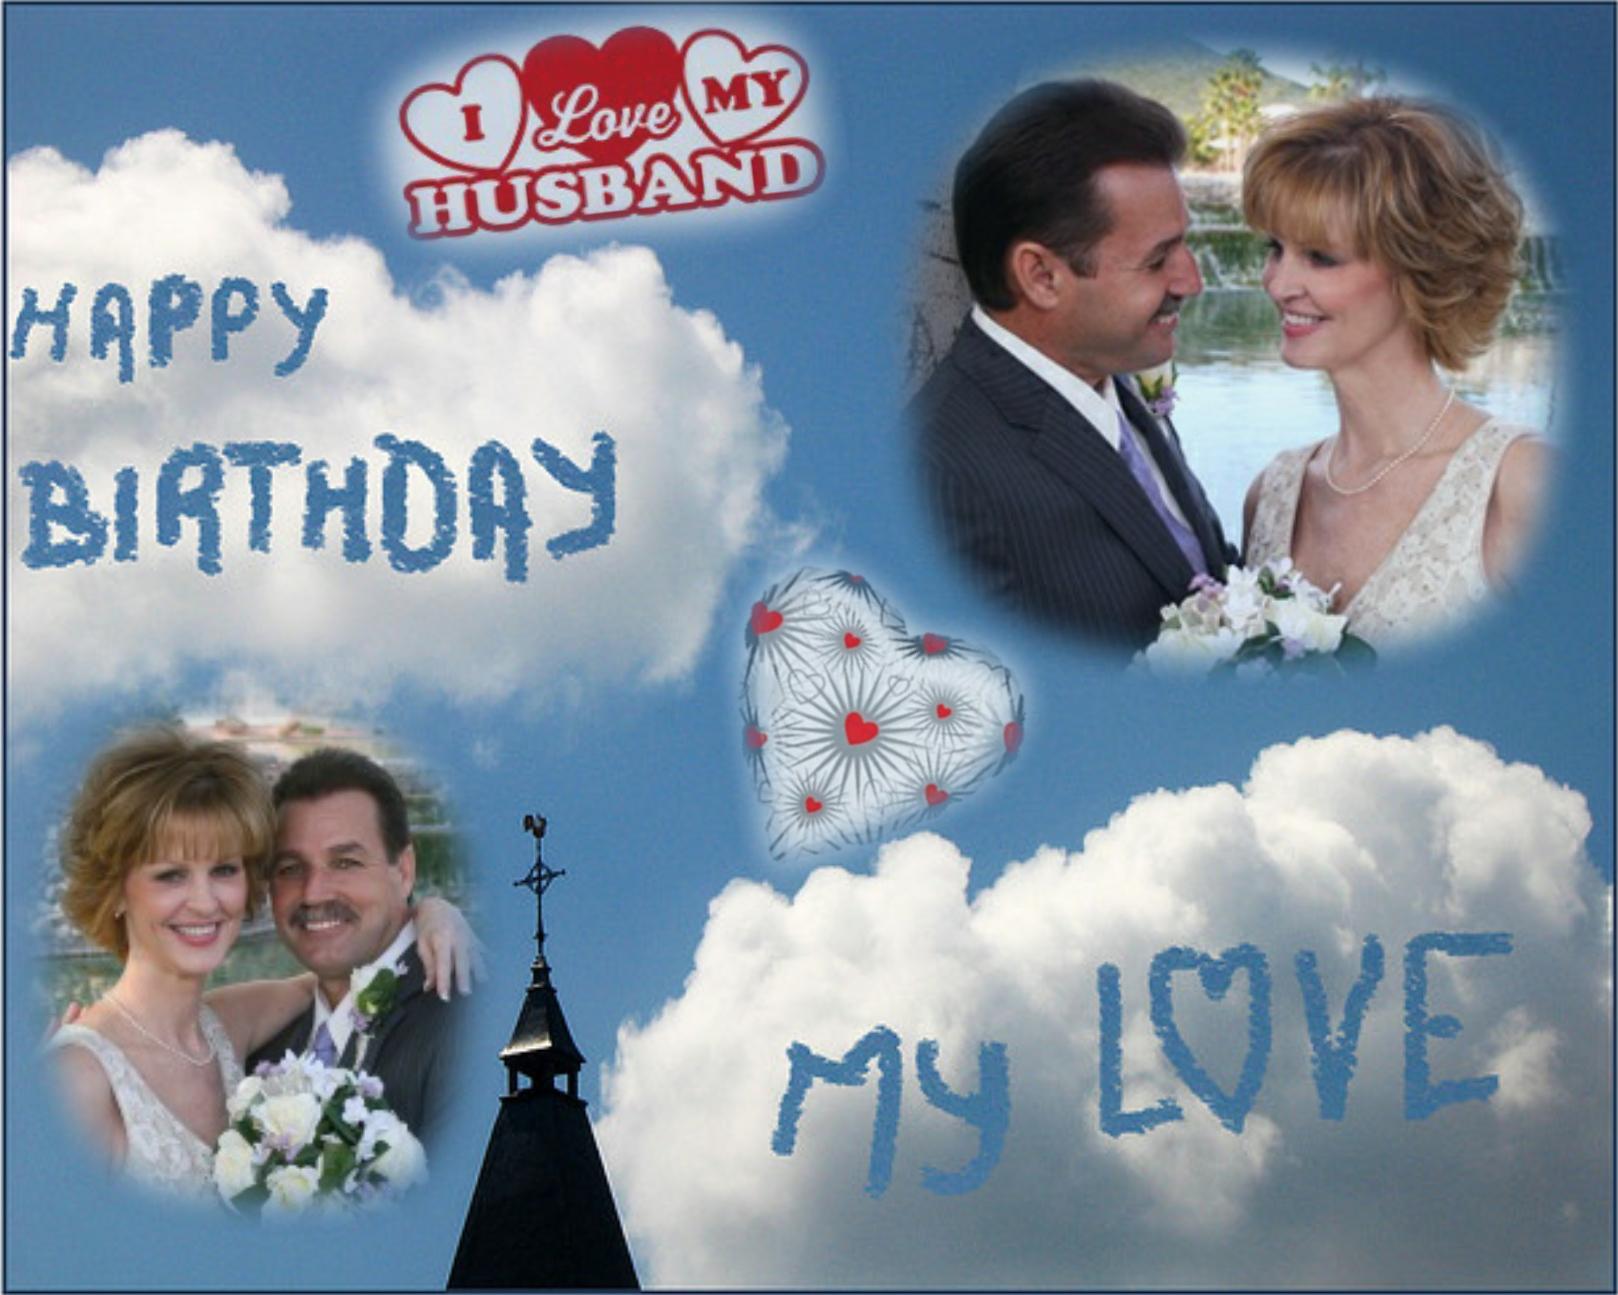 Birthday Husband Imikimi Photo Frame.Imikimi Birthday Photo Frames For Husband Oceanfur23 Com